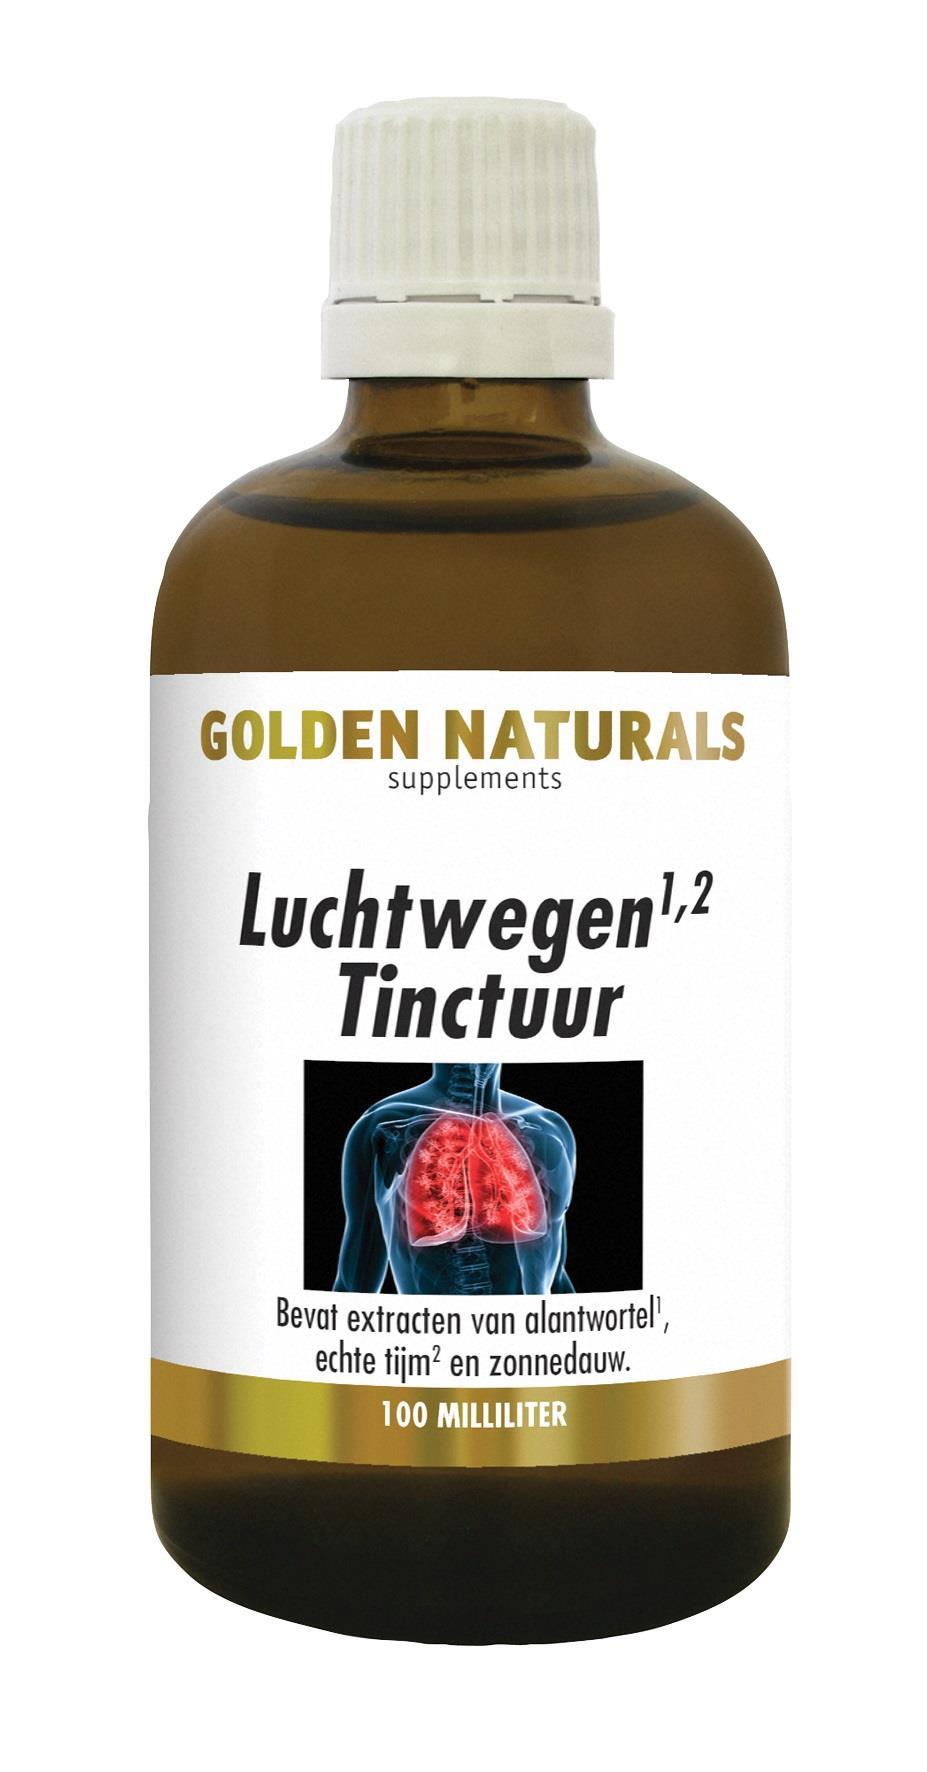 Golden Naturals Luchtwegen Tinctuur (100 milliliter)